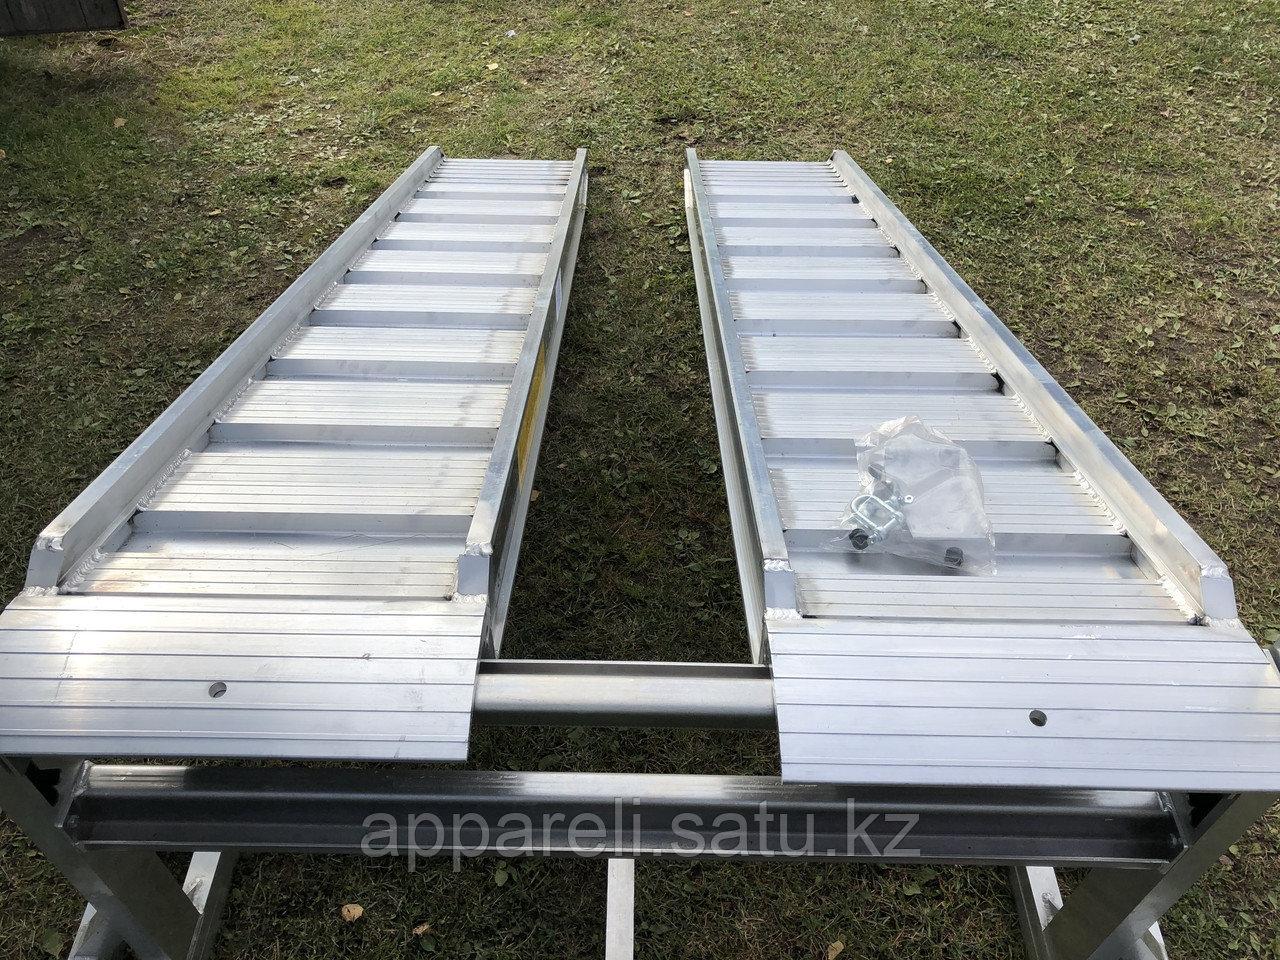 Погрузочные рампы 8850 кг, 2500 мм производство